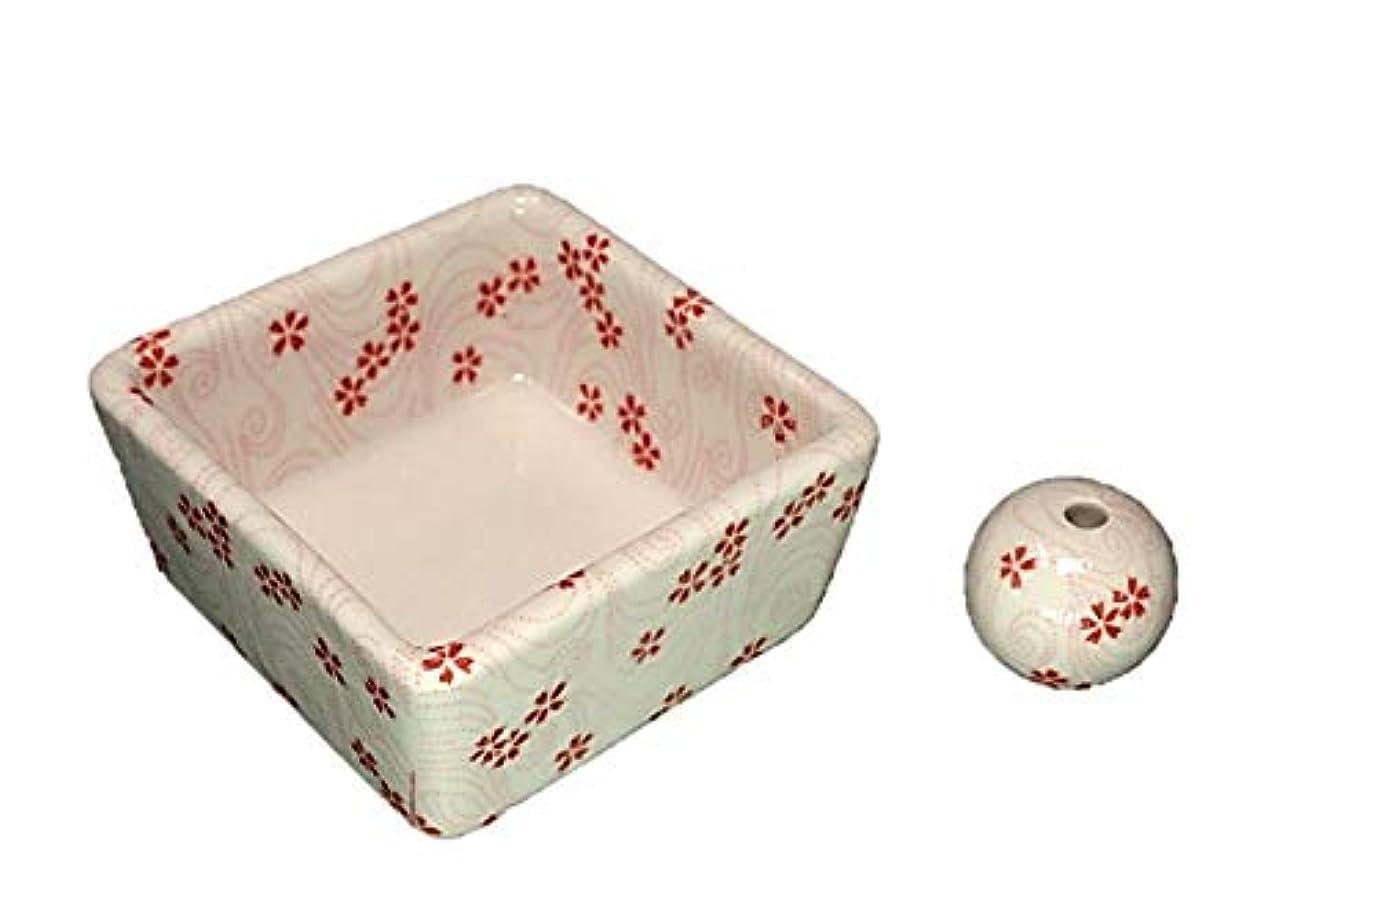 起こる方法論メロドラマ和モダン 桜渦 お香立て 陶器 角鉢 製造直売品